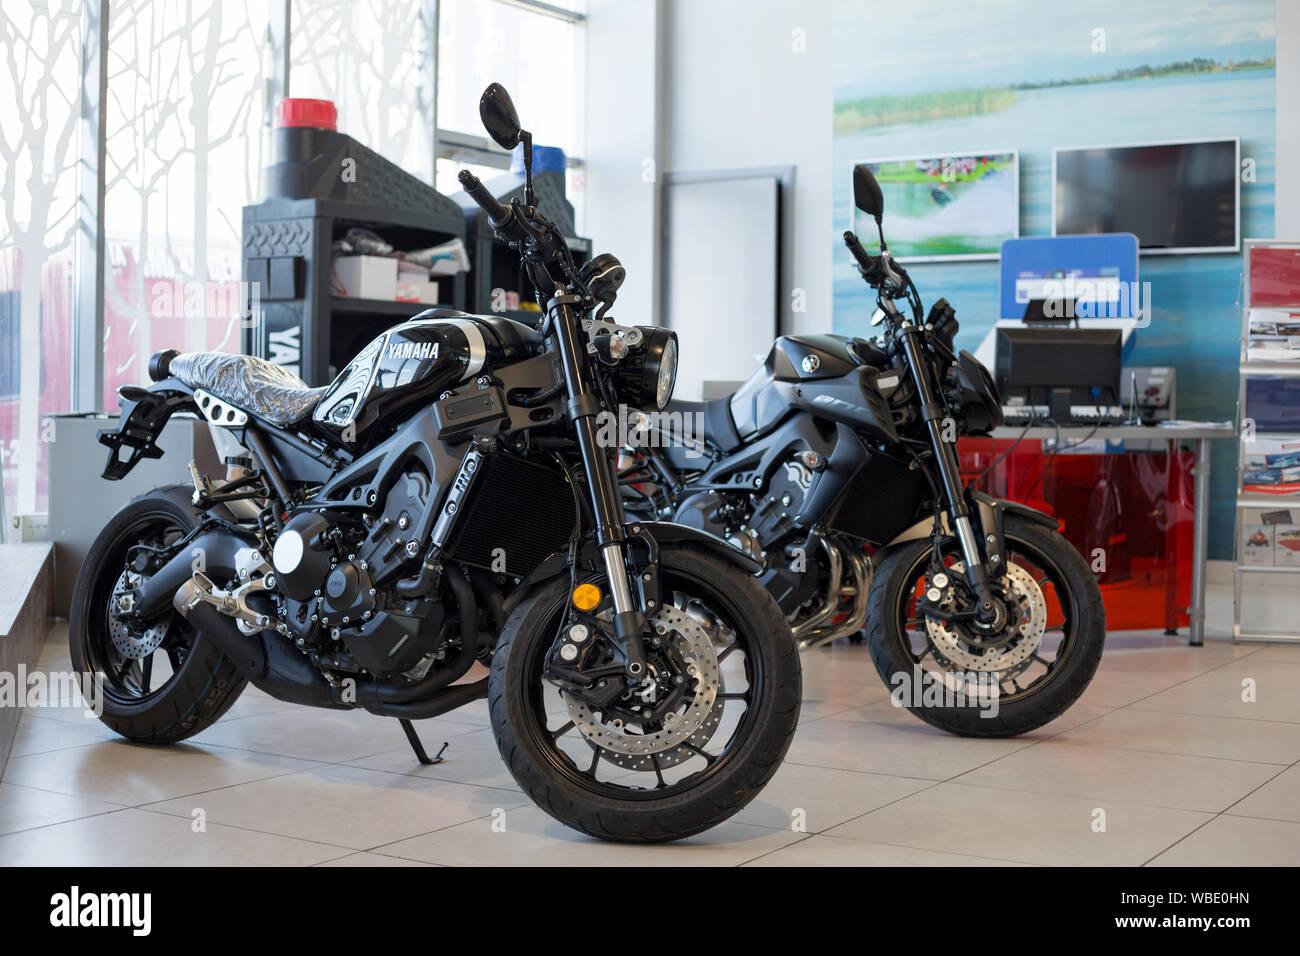 La Russie, Izhevsk - Août 23, 2019: Moto Yamaha shop. De nouvelles motos et accessoires moto en magasin. Monde célèbre marque. Banque D'Images